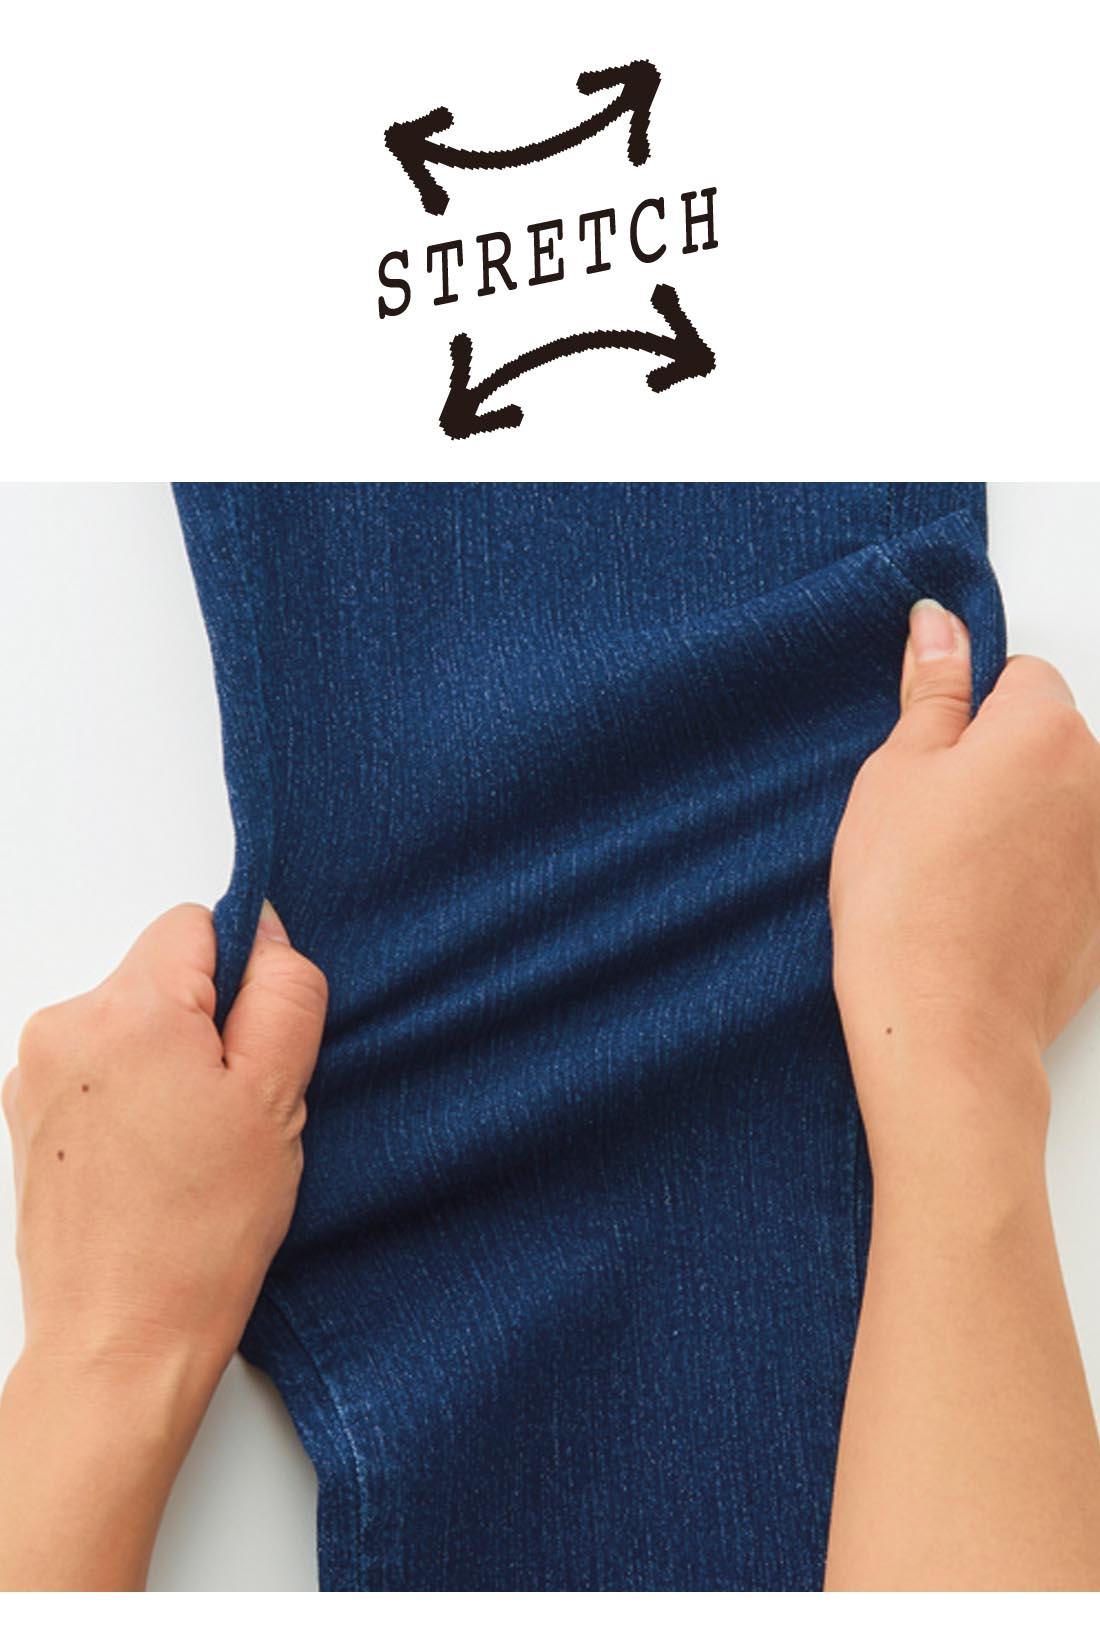 すごくよく伸びる素材だから、動いても座ってもらくちん。